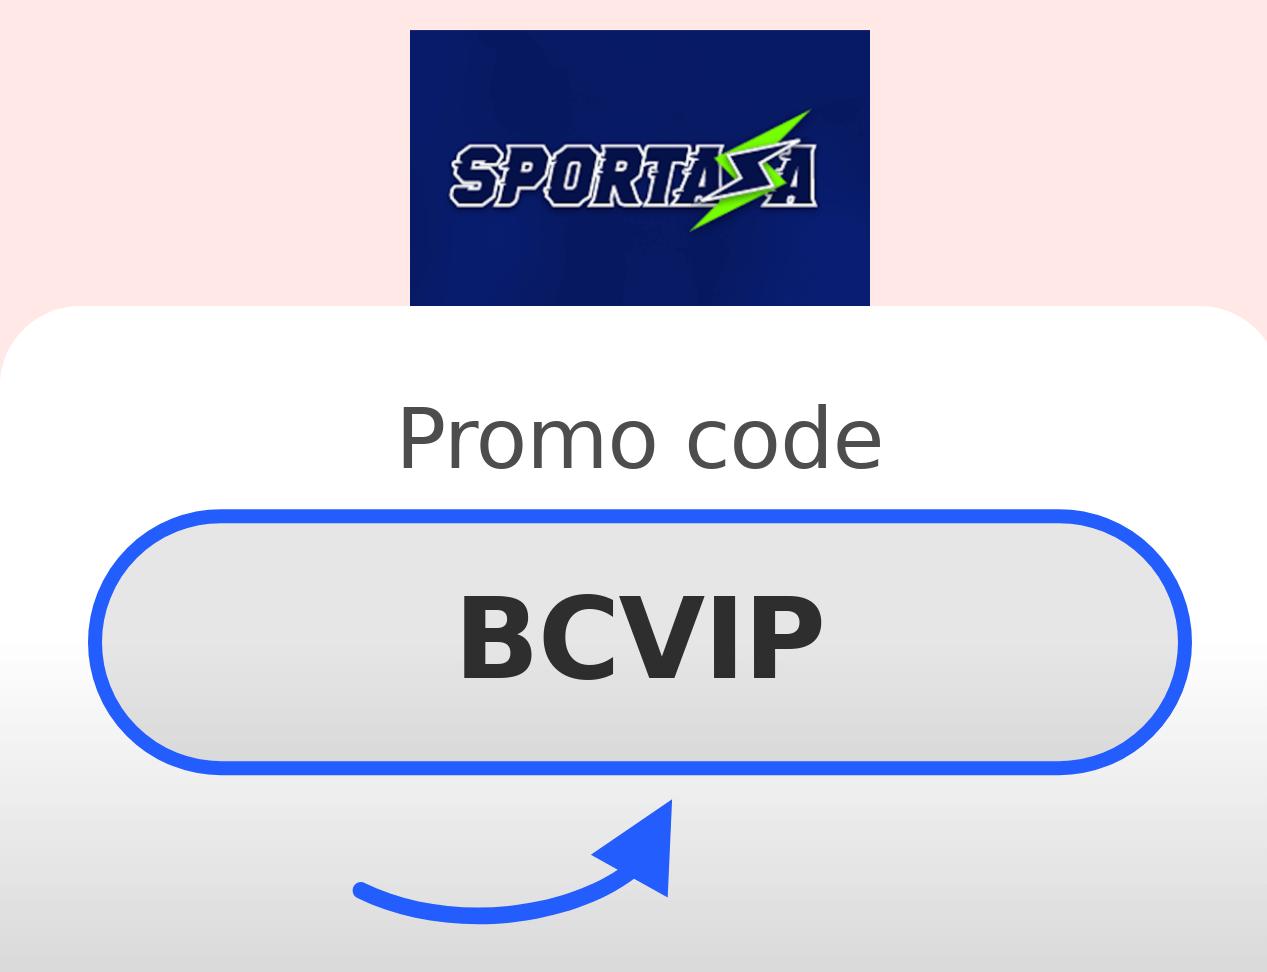 Sportaza Promo Code